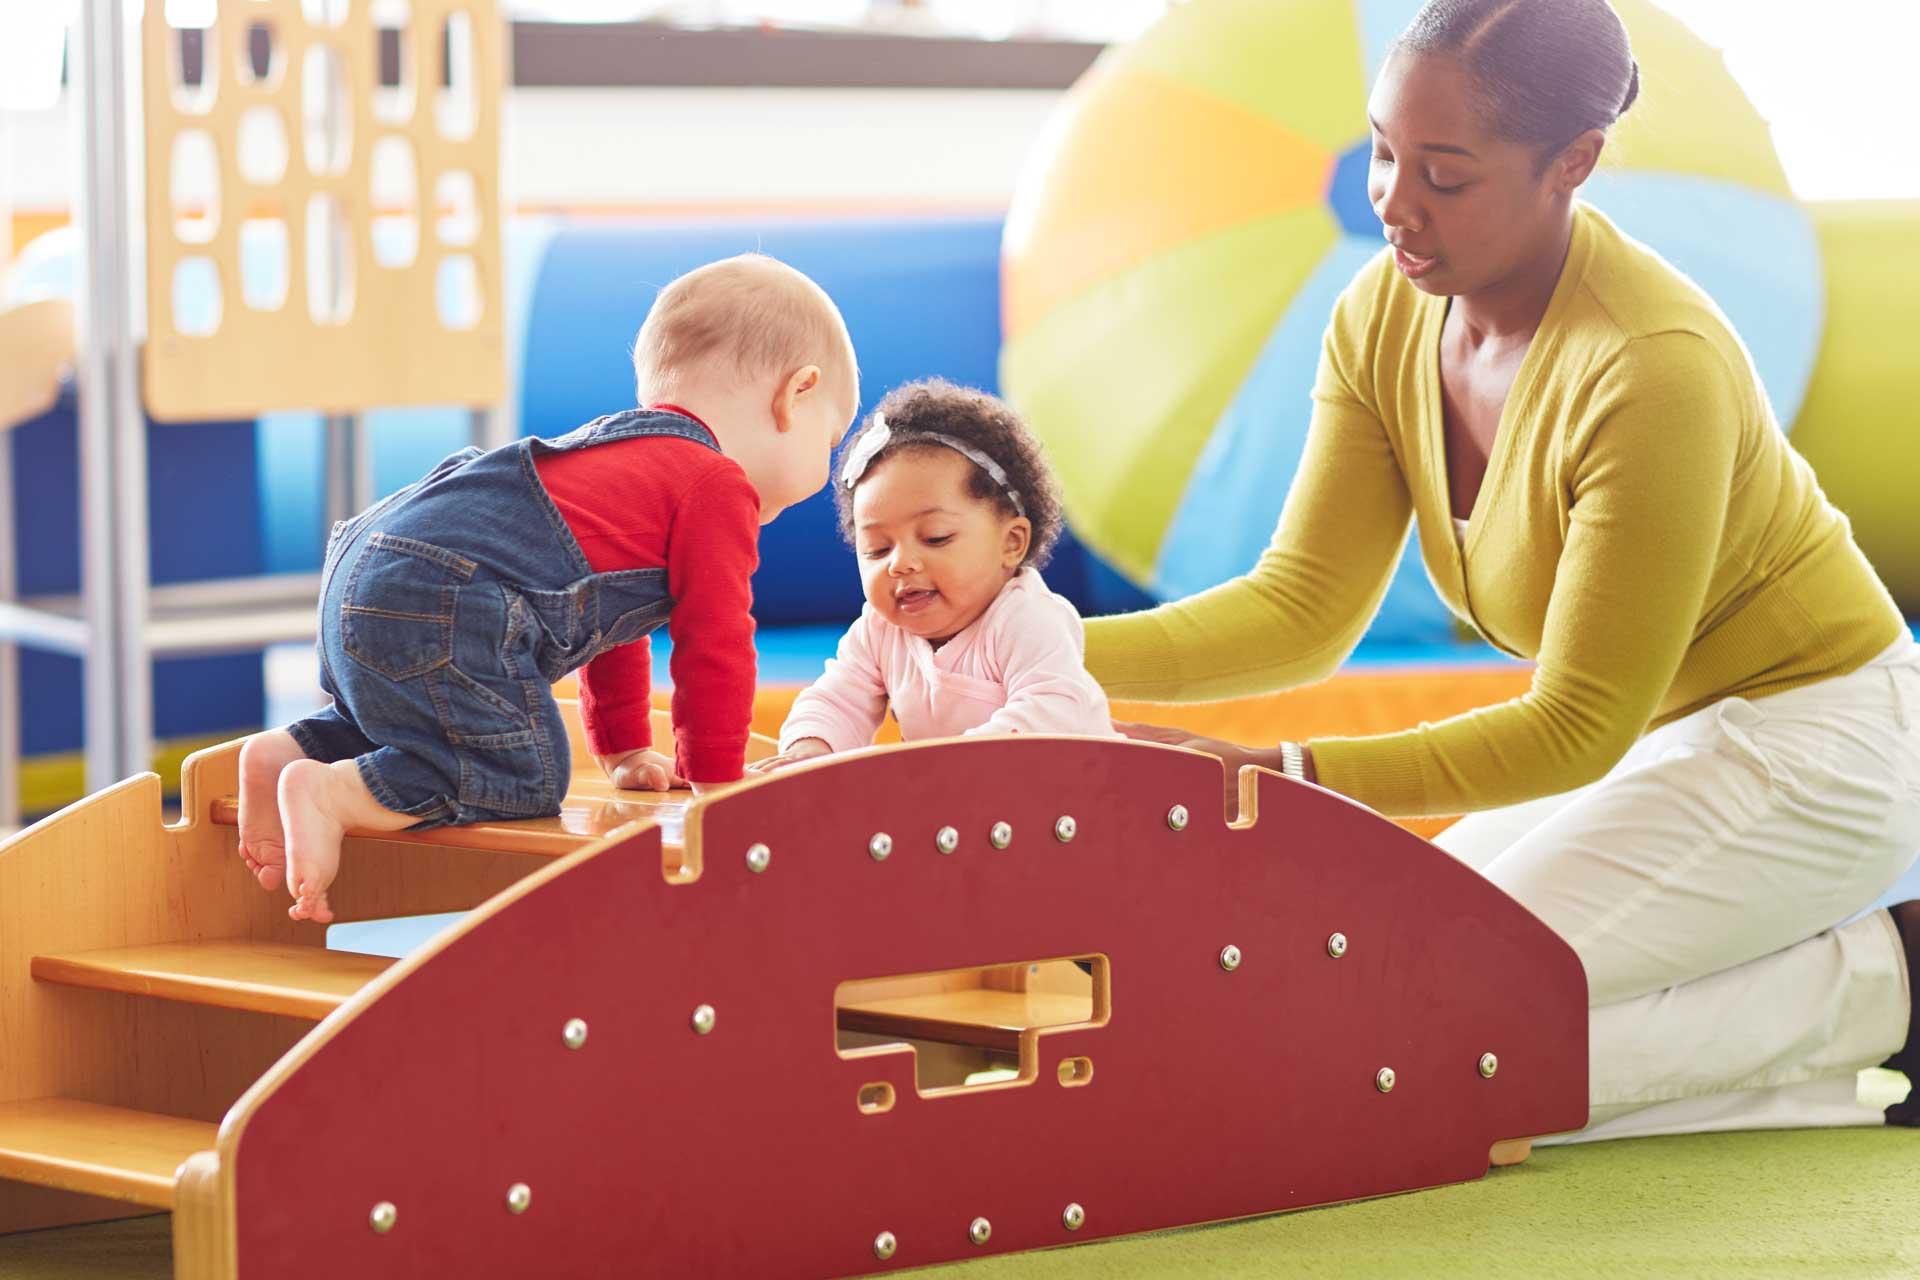 brincadeiras, bebé, Chicco, Espreguiçadeira, carrinho de bebé, roupa bebé, roupa bébé, roupa bebe, licença parental, abono de família, creche, dodot, cadeiras auto, cadeira auto, roupa de bebé, roupas de bebés, berços bebé, licença de maternidade, roupa criança, andarilho bebe, jardim de infância, fraldas, sapatilhas criança, carrinho bebé, carrinho bebe, ténis criança, isofix, biberões, roupas recém nascido, camas bebé, alcofa, loja chicco, loja de bebé, sapatos bebé, cadeiras bebé, berços bebé, nomes de bebé, chicco outlet, chuchas, babygrow, cadeira auto bebé, gymboree, brincar, desenvolvimento infantil, pediatra, pediatras, mãe, pai, parentalidade, empreendedorismo, Decathlon, Benfica, Worten, Continente, Fnac, Pingo Doce, Auchan, Jumbo, Lidl, Decathlon Alfragide, Chicco, Monsanto, Bicicleta, Decathlon Lisboa, Dodot, Parque Infantil, quinta das Conchas, Horário